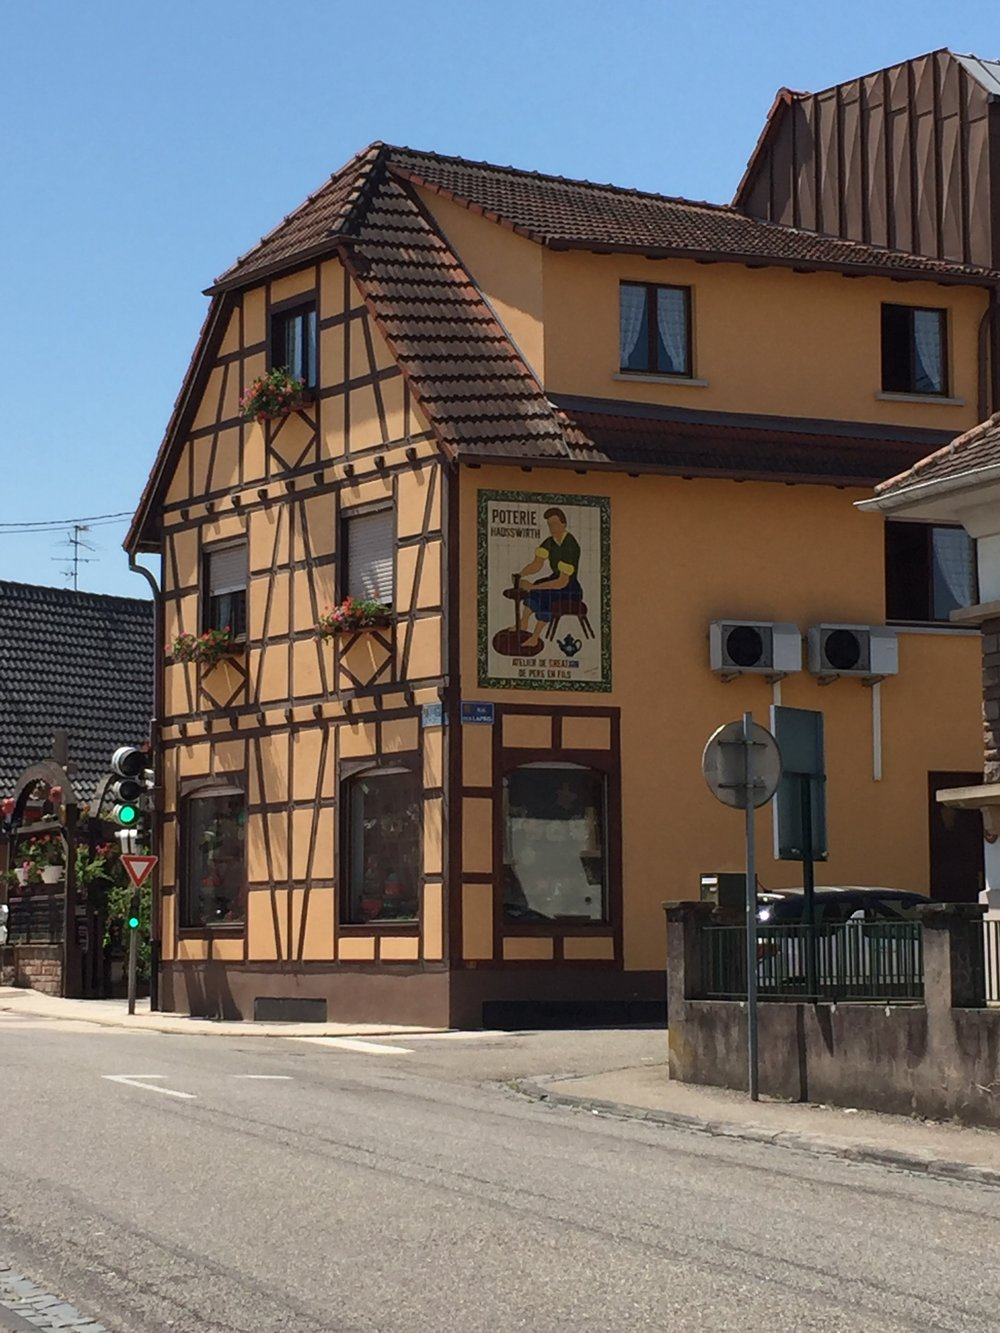 Souffleheim photo.JPG